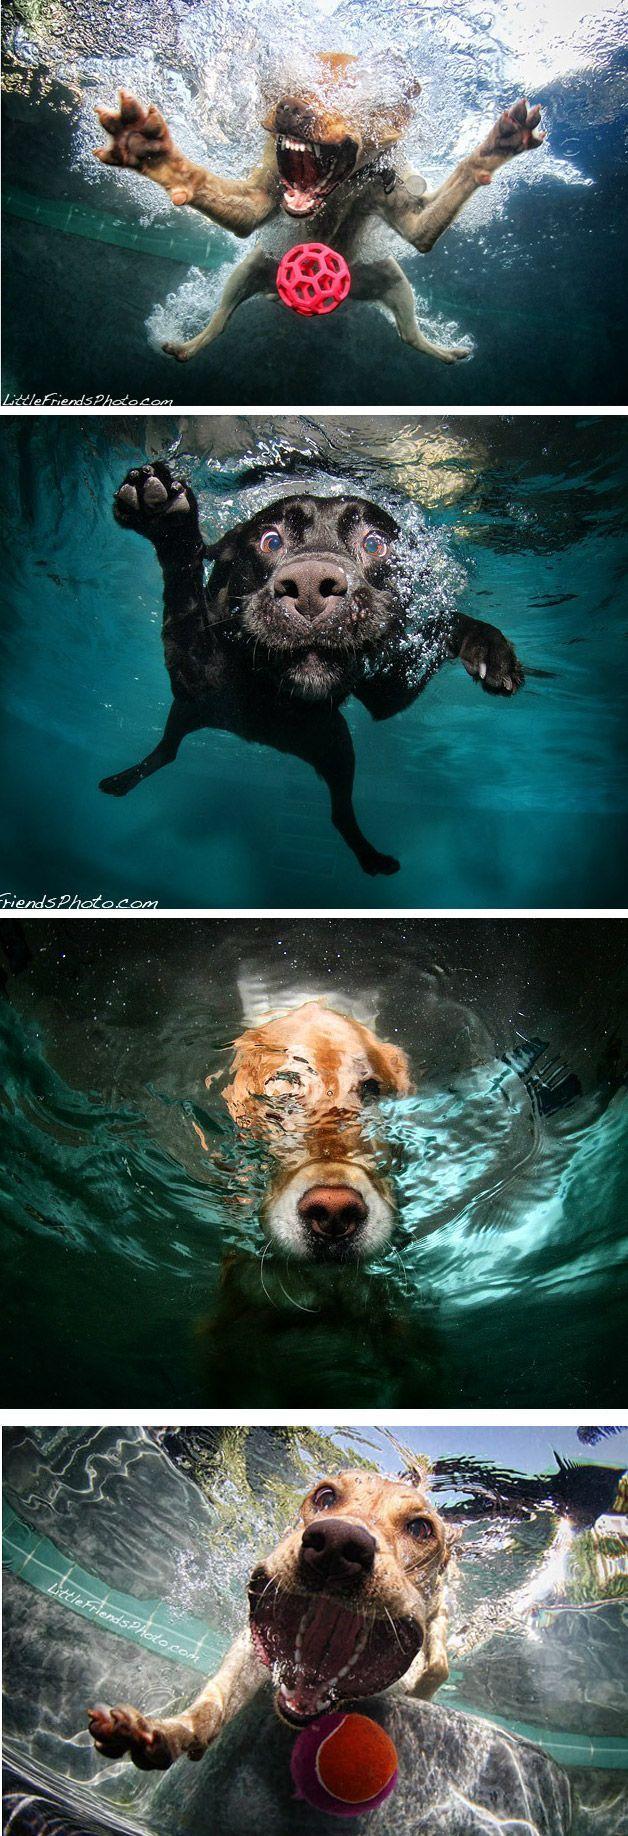 Cachorros mergulhadores em ensaio fotográfico nature pinterest